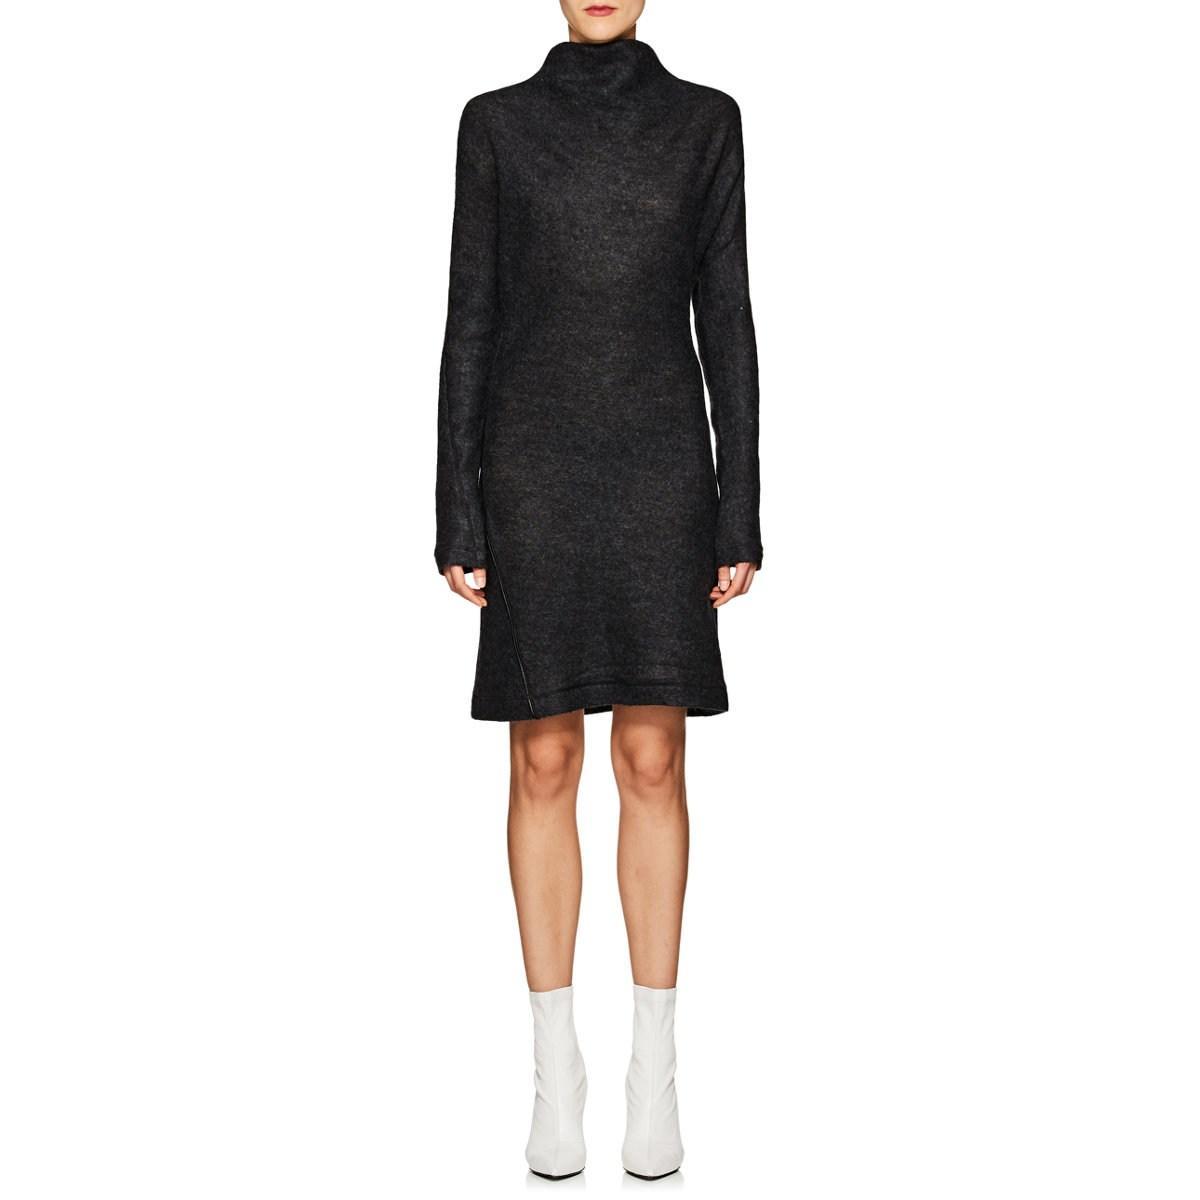 7d9b7d6518e Helmut Lang - Black Wool-blend Asymmetric Sweaterdress - Lyst. View  fullscreen